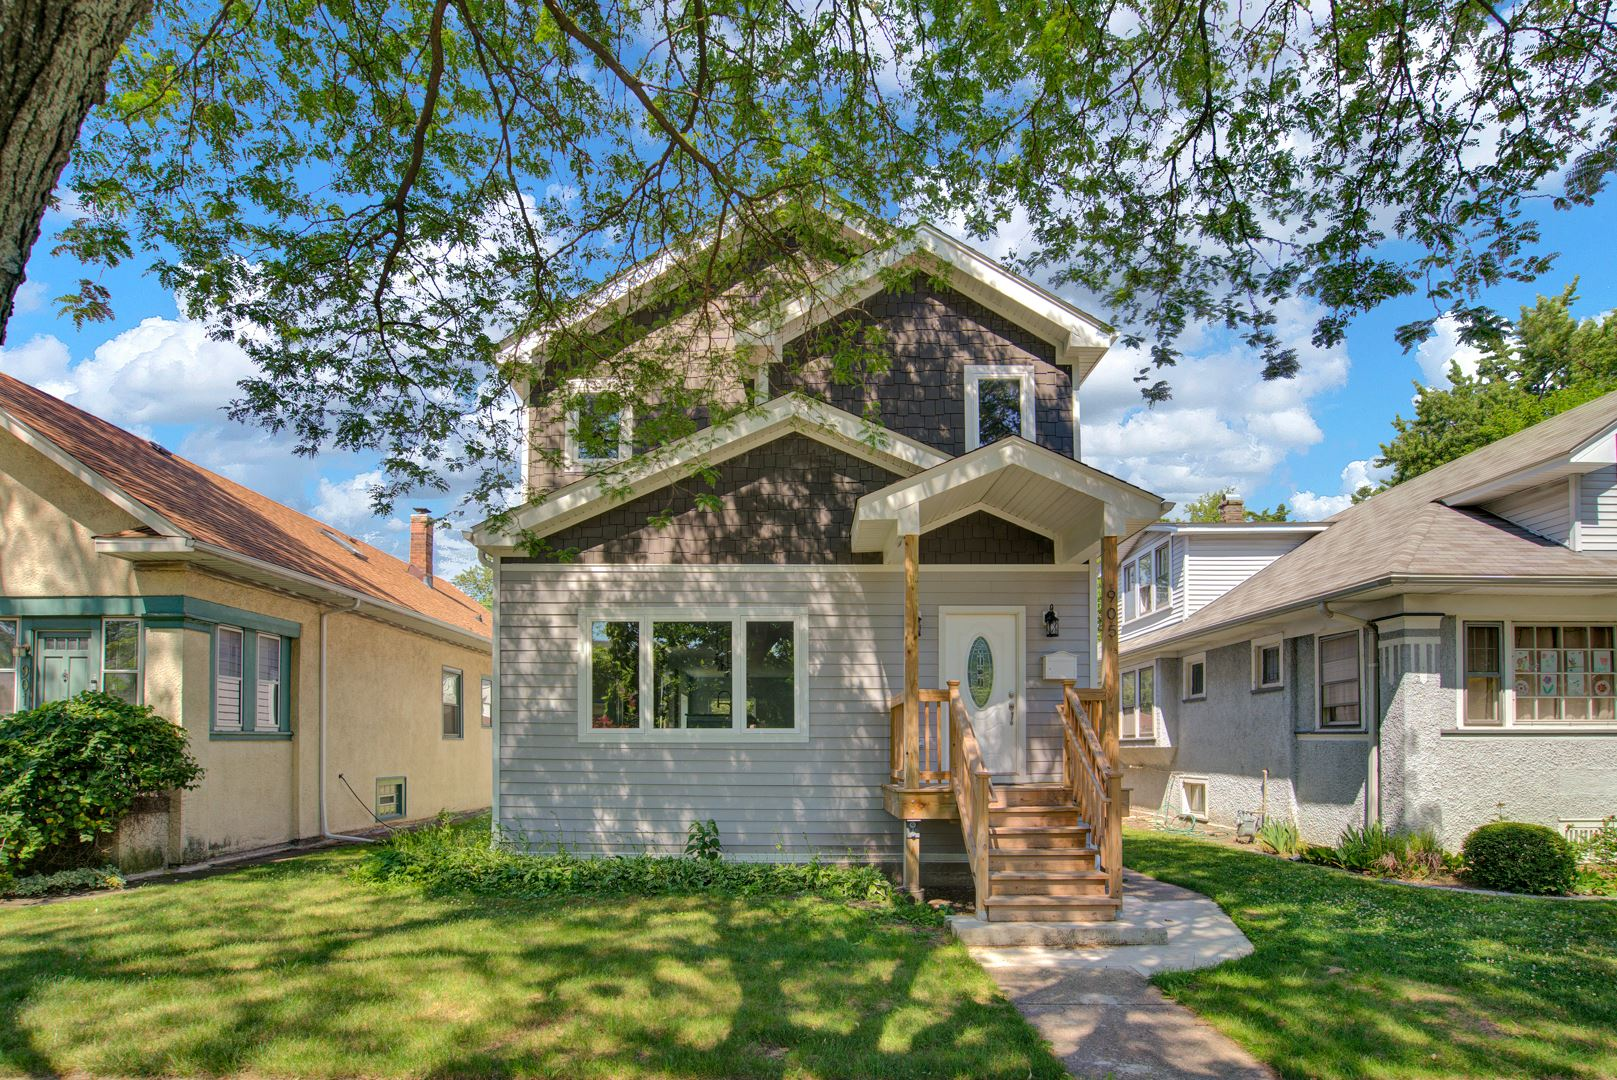 Photo for 905 N Taylor Avenue, Oak Park, IL 60302 (MLS # 10945182)